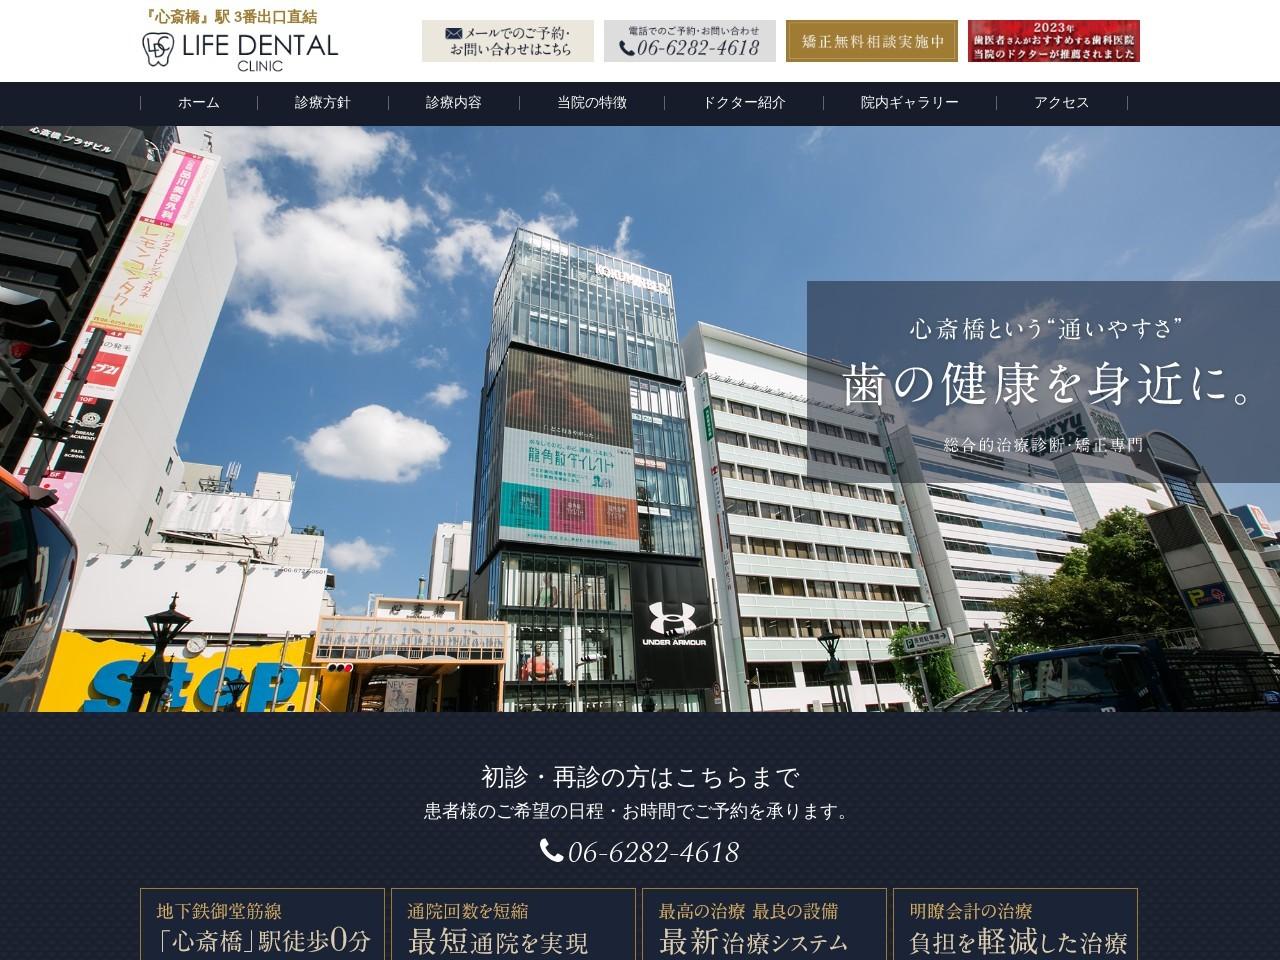 大阪ライフ歯科・矯正歯科 (大阪府大阪市中央区)